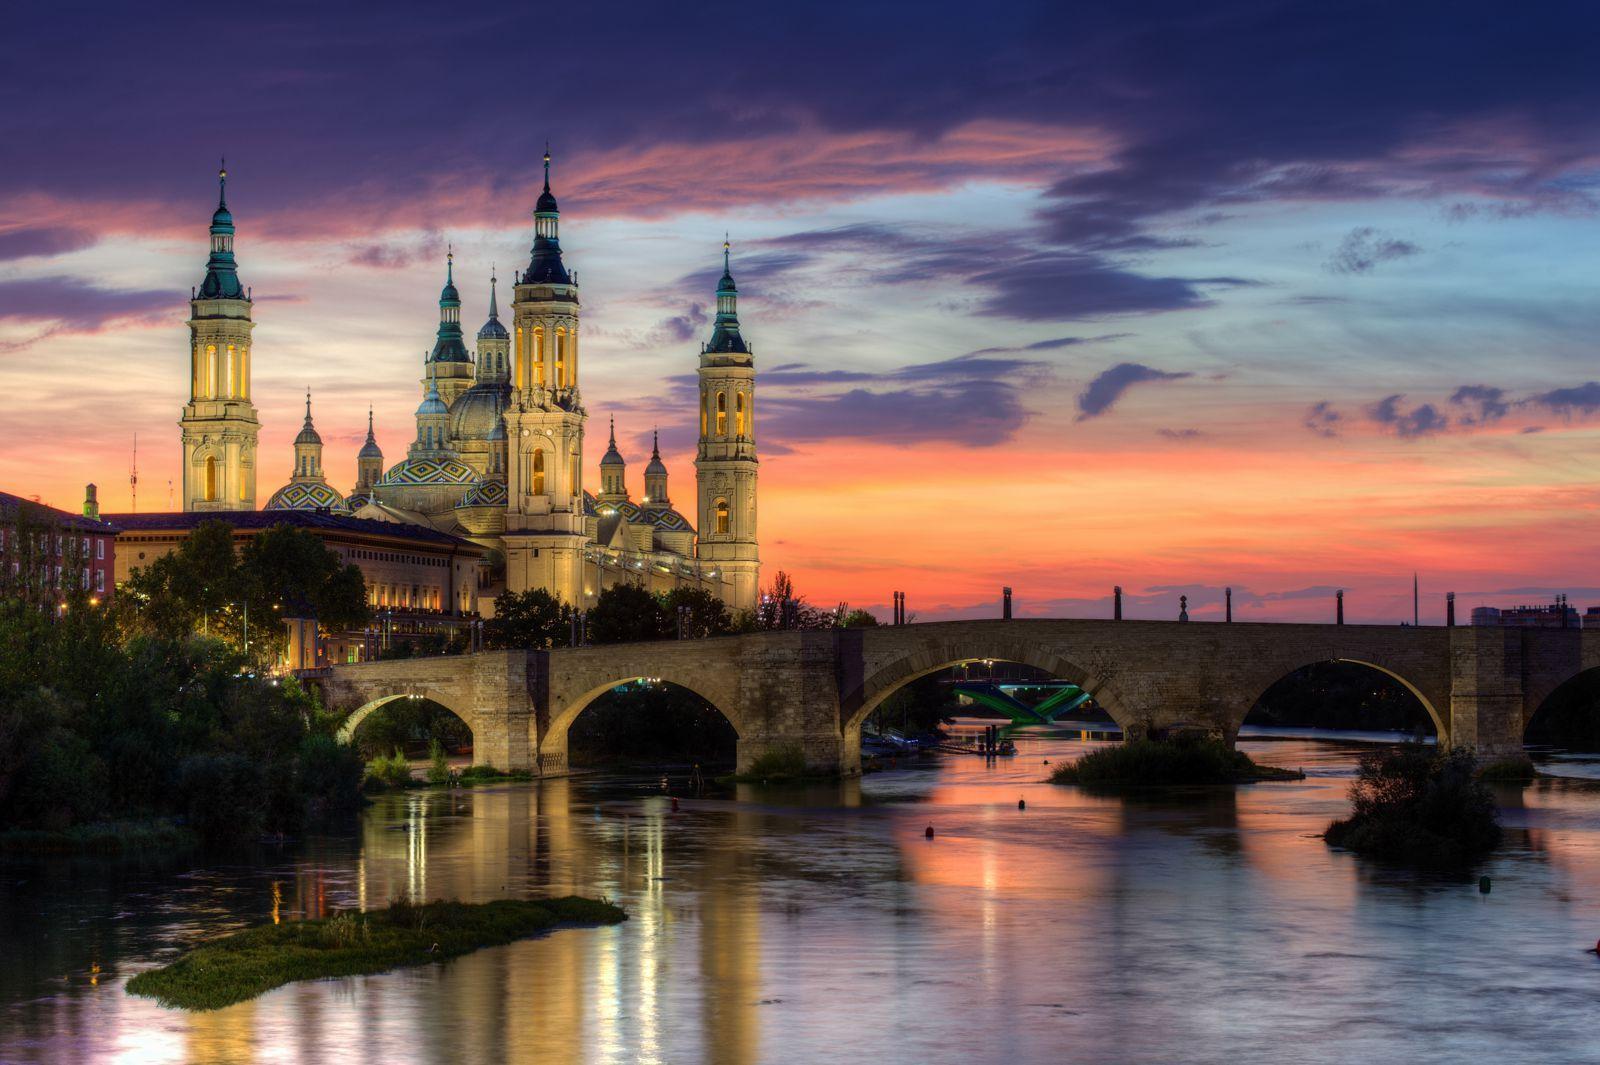 【行ってみたい場所】 6 Amazing Towns And Cities You Wouldn't Think To Visit In Northern Spain… But Definitely Should!